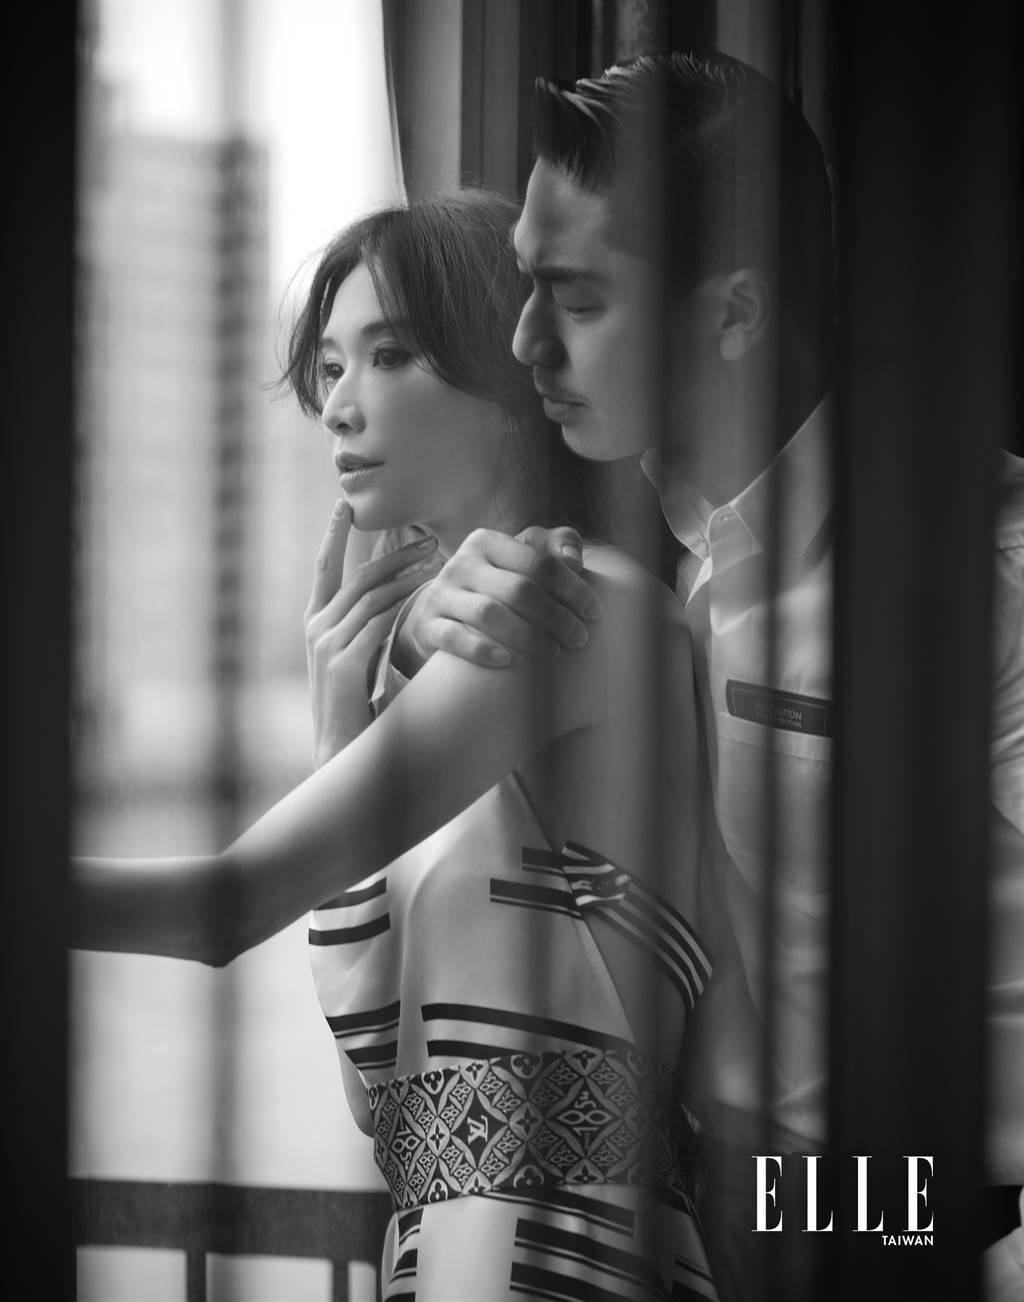 林志玲、AKIRA婚後甜蜜。(圖/《ELLE》國際中文版雜誌提供)